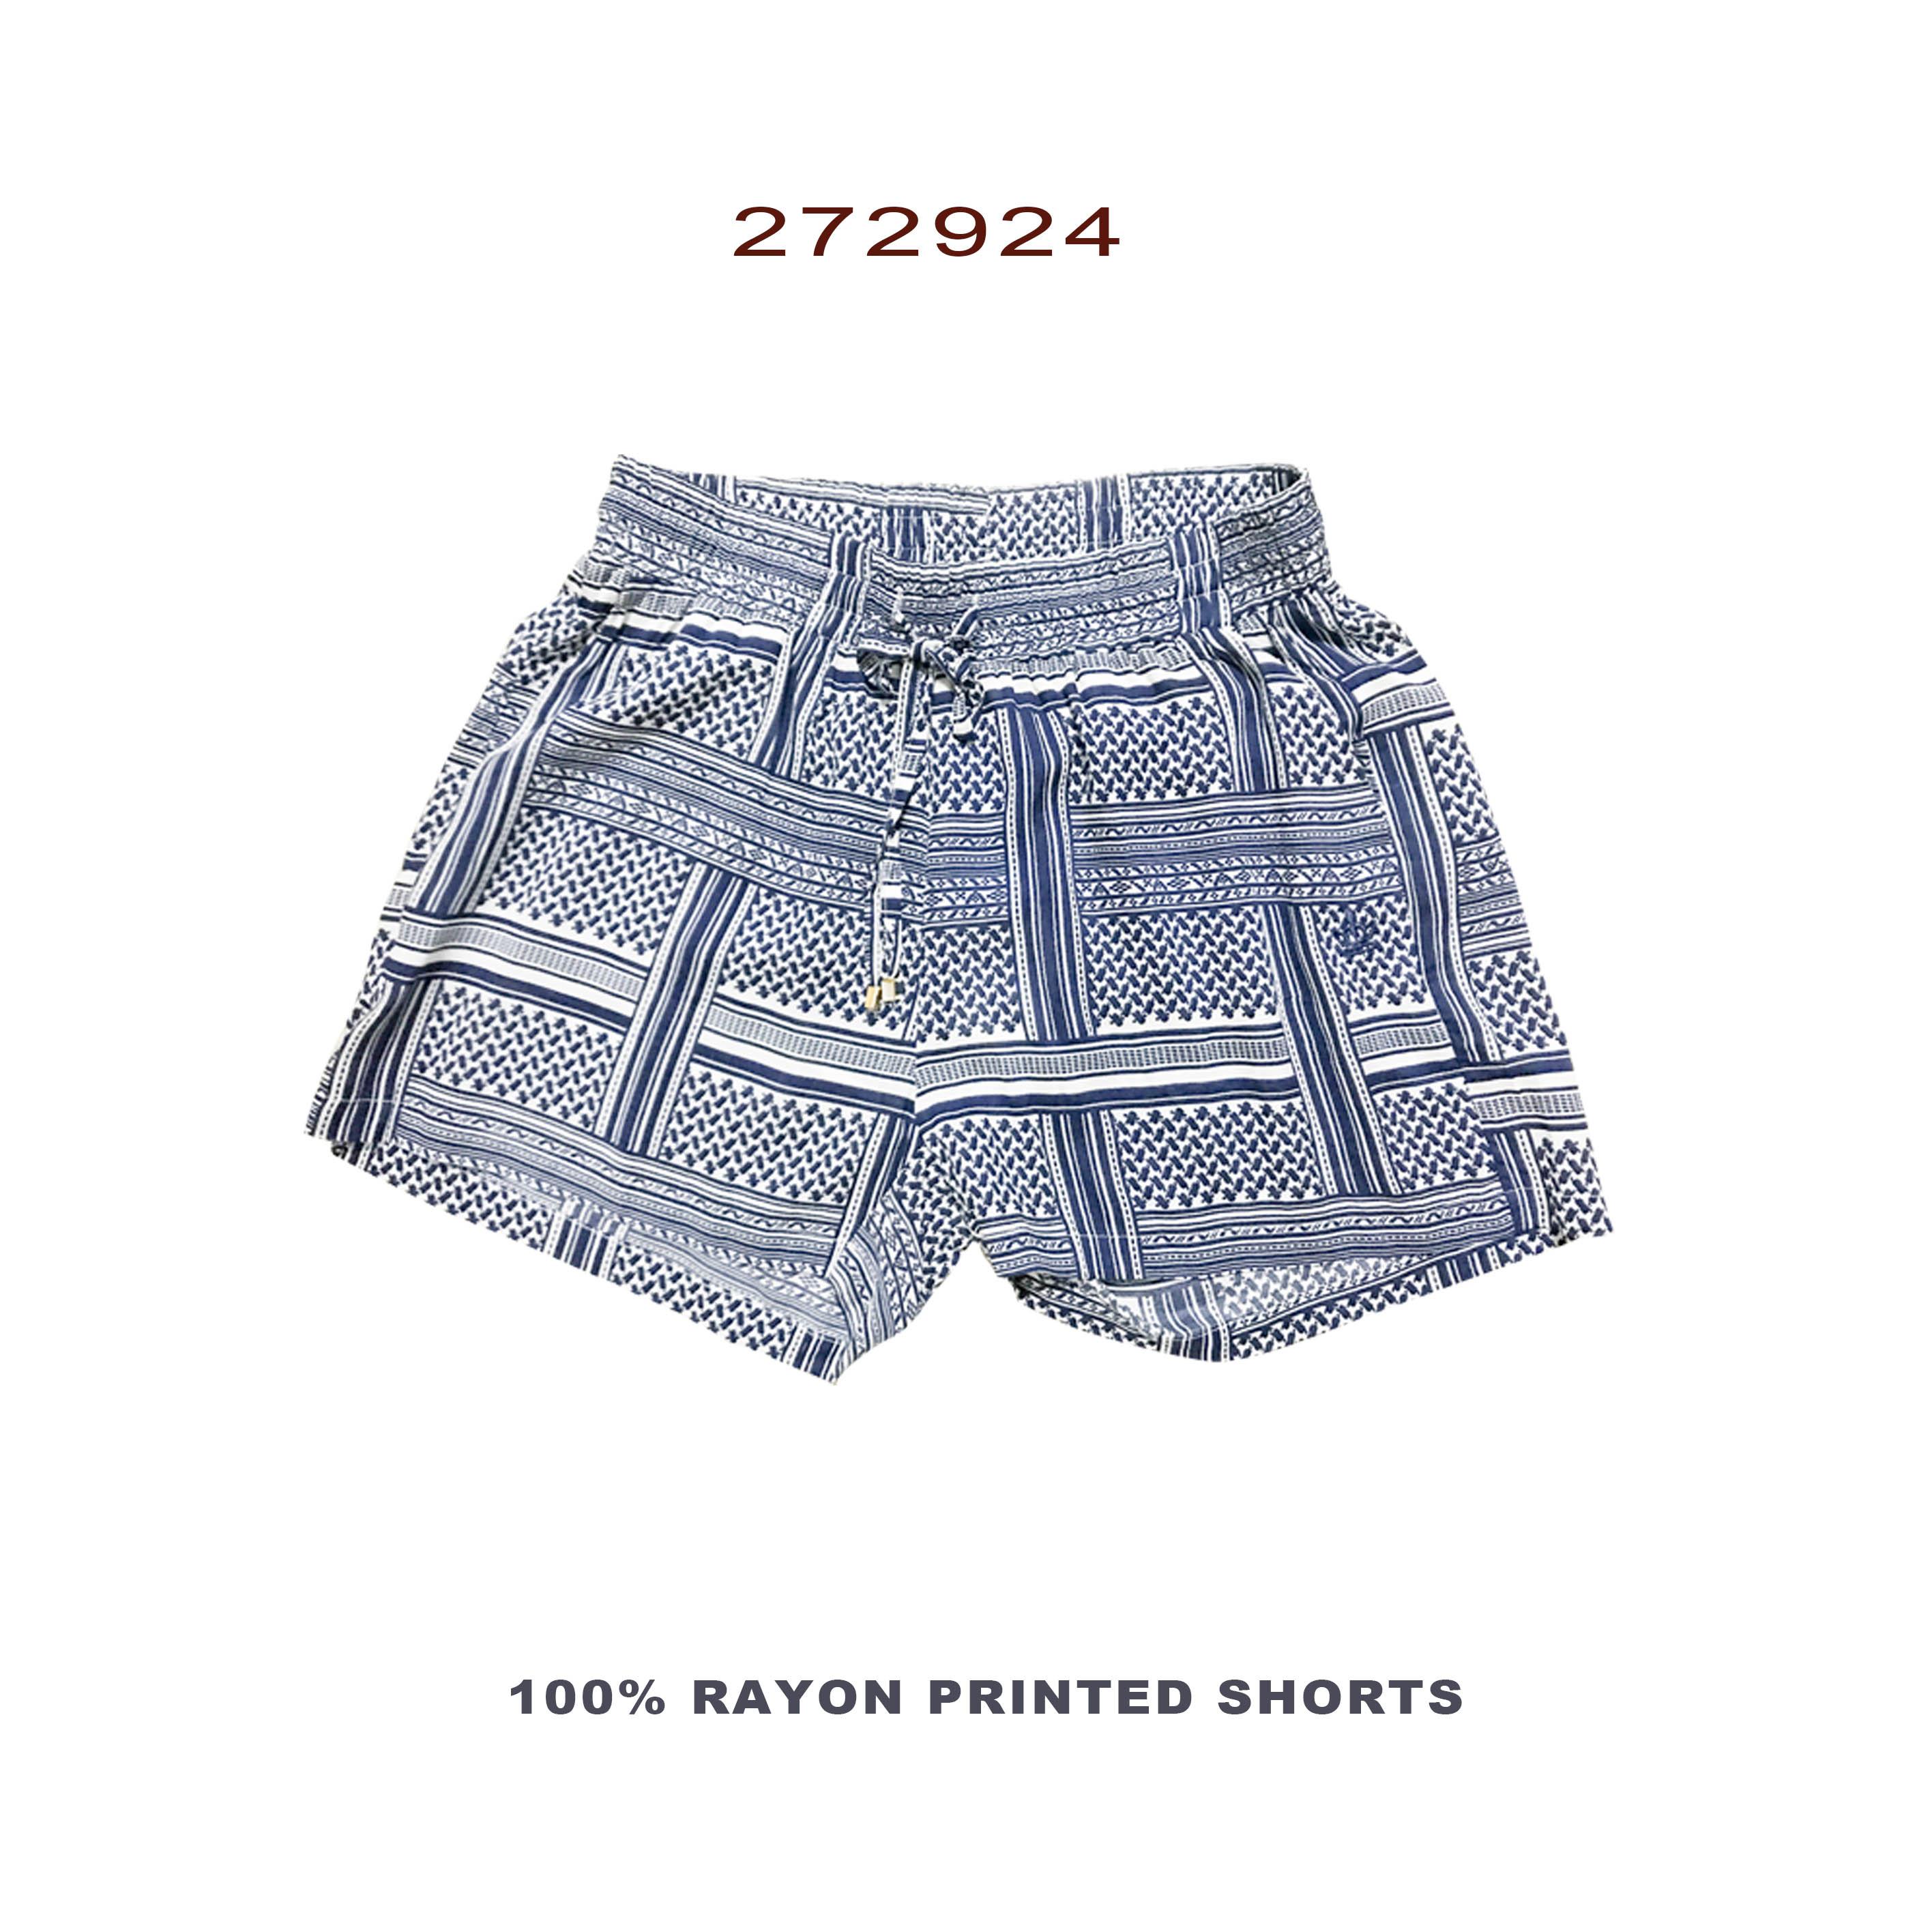 SHORT 272924